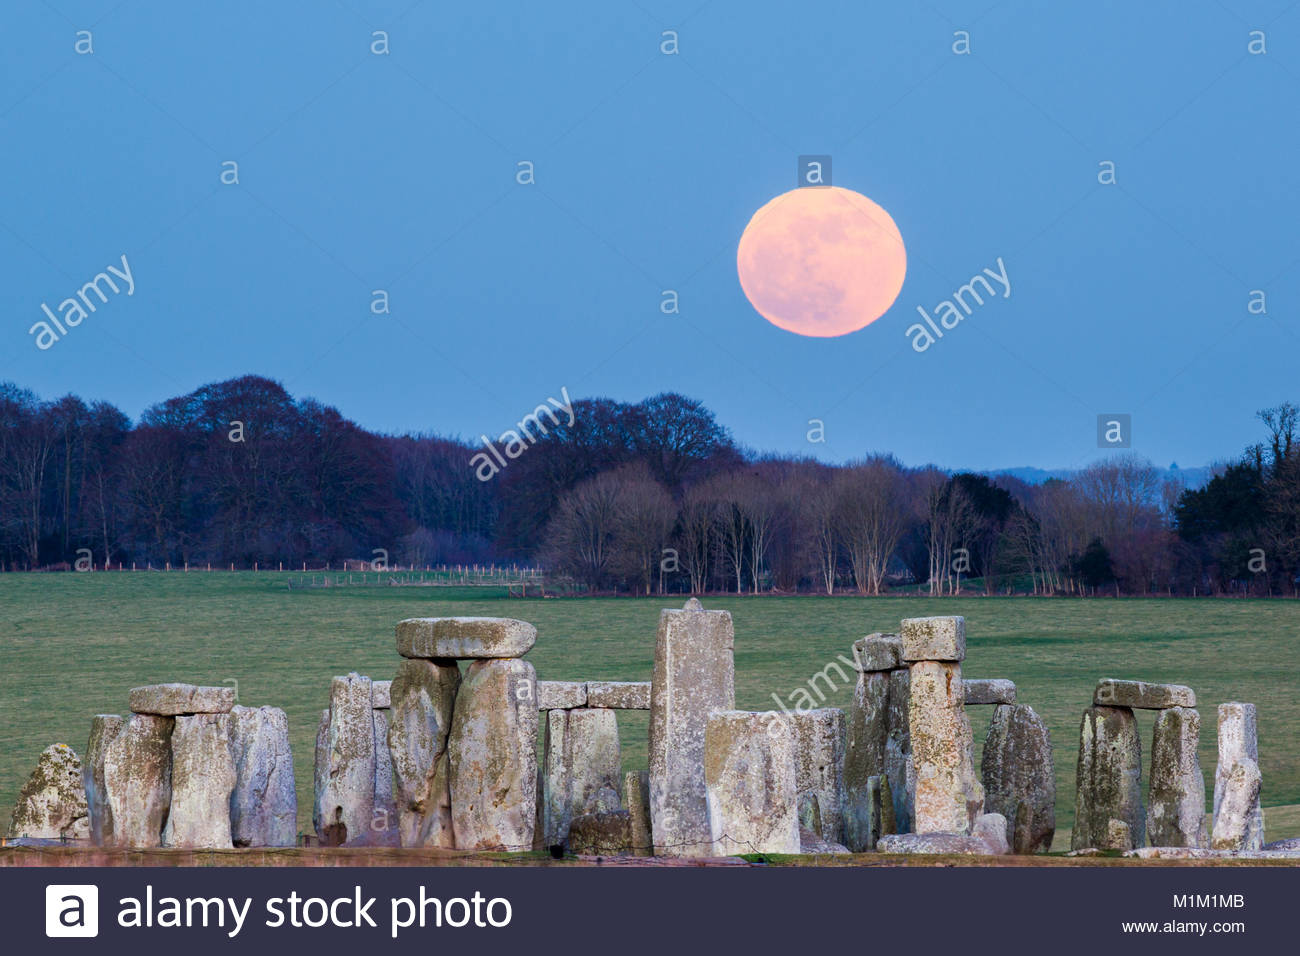 Stonehenge, UK. 31st Jan, 2018. Super Blue Blood Moon is seen rising over Stonehenge stone circle on Wednesday, - Stock Image